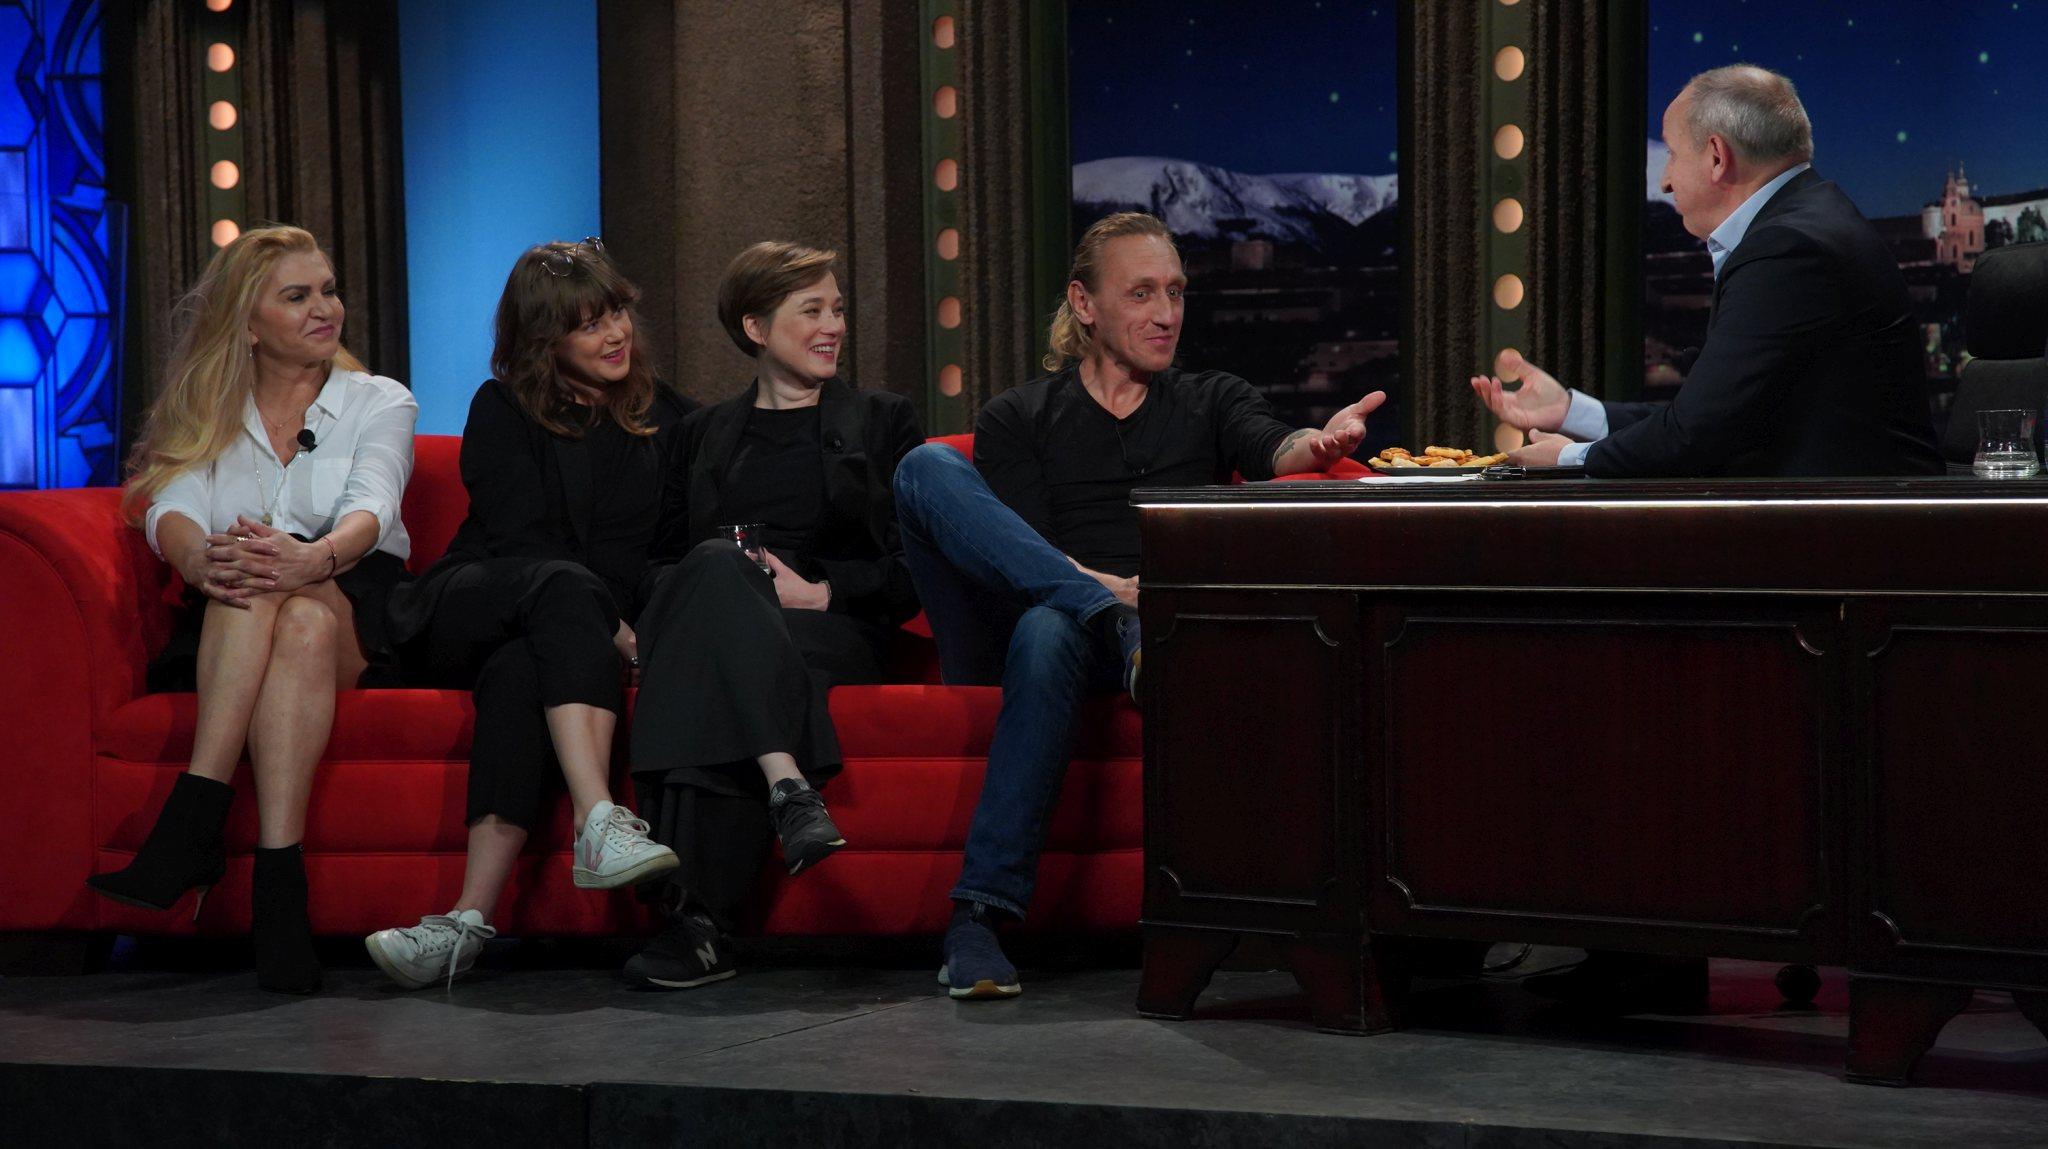 Zleva: Spisovatelka Martina Formanová, herečky sestry Jenovéfa a Kristýna Bokovy a kaskadér a herec Vladimír Furdík v SJK 26. 5. 2021